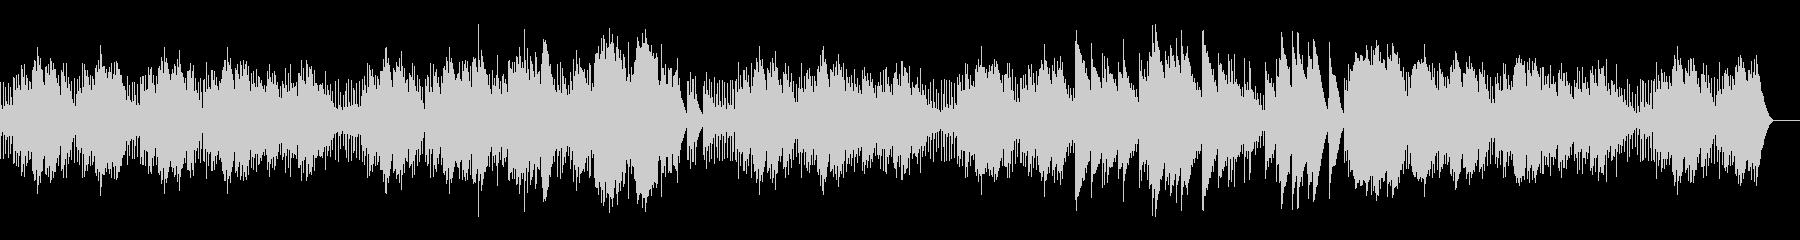 エリーゼのために フル尺 (オルゴール)の未再生の波形